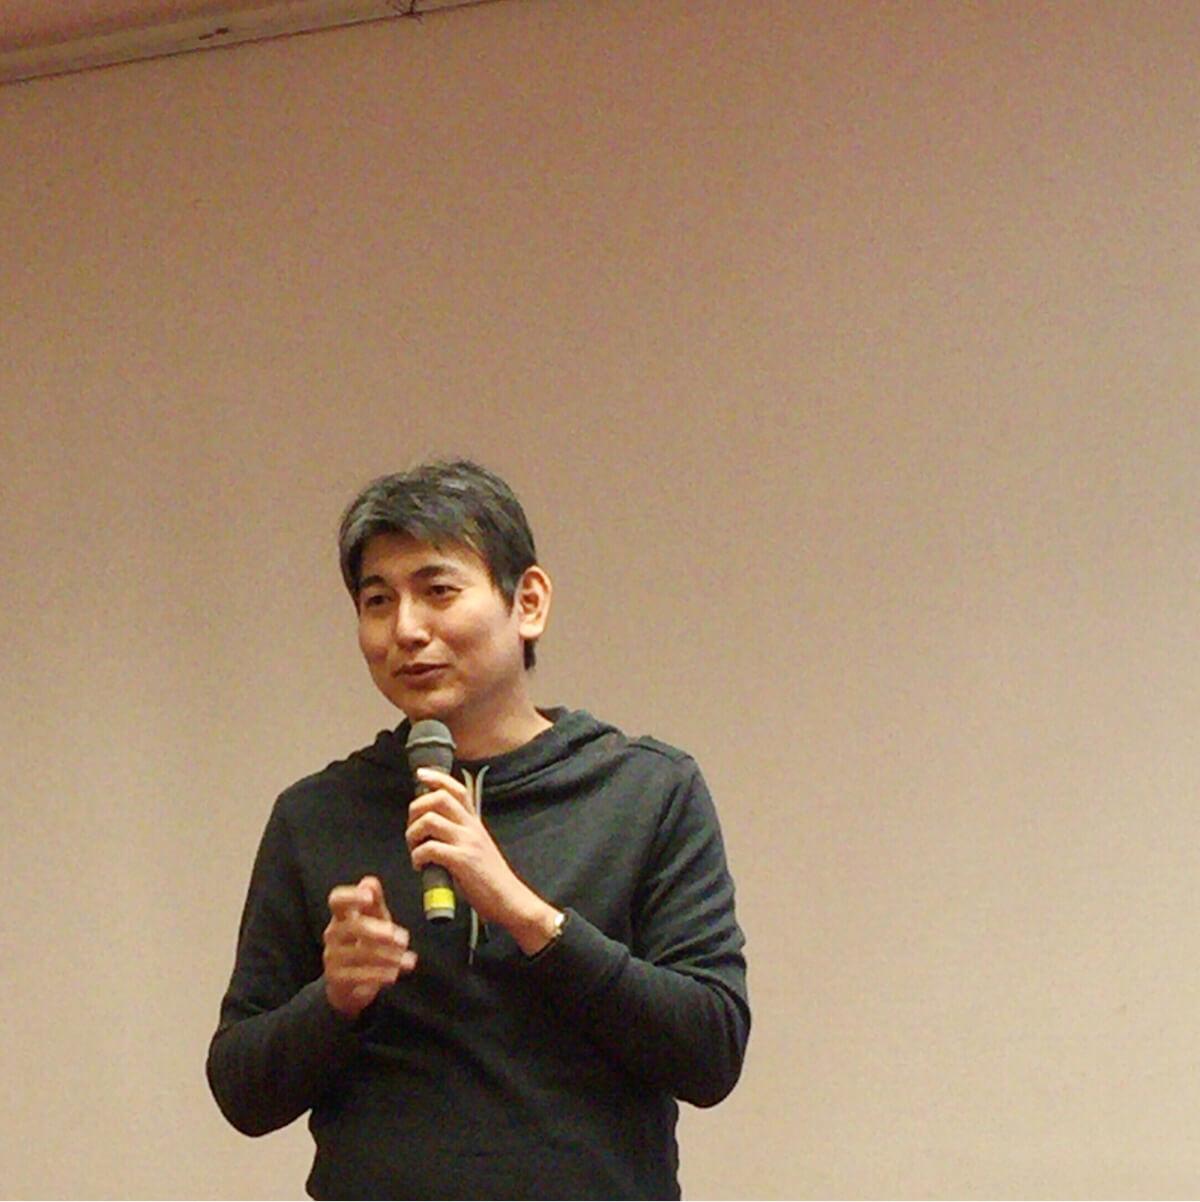 美崎栄一郎さんの全国ツアーin東京ファイナルに行ってきました!モチベーション・経験の大切さについて聞けました!